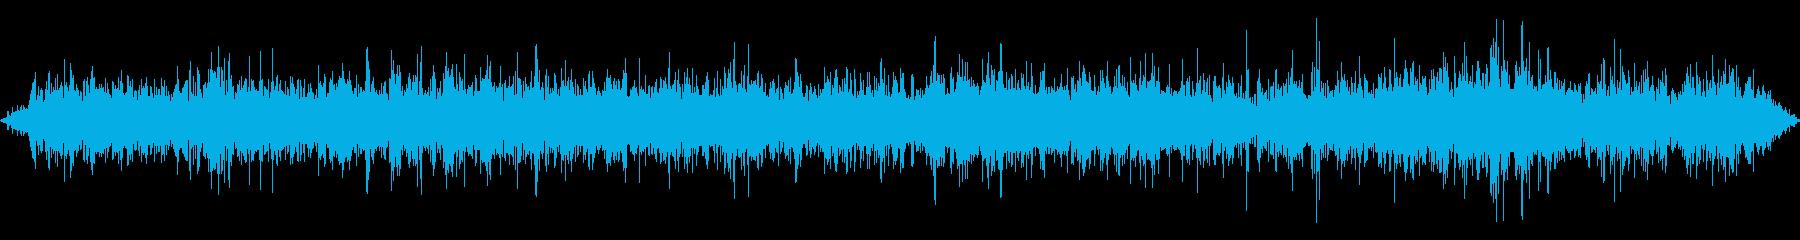 穏やかに流れる水流の再生済みの波形